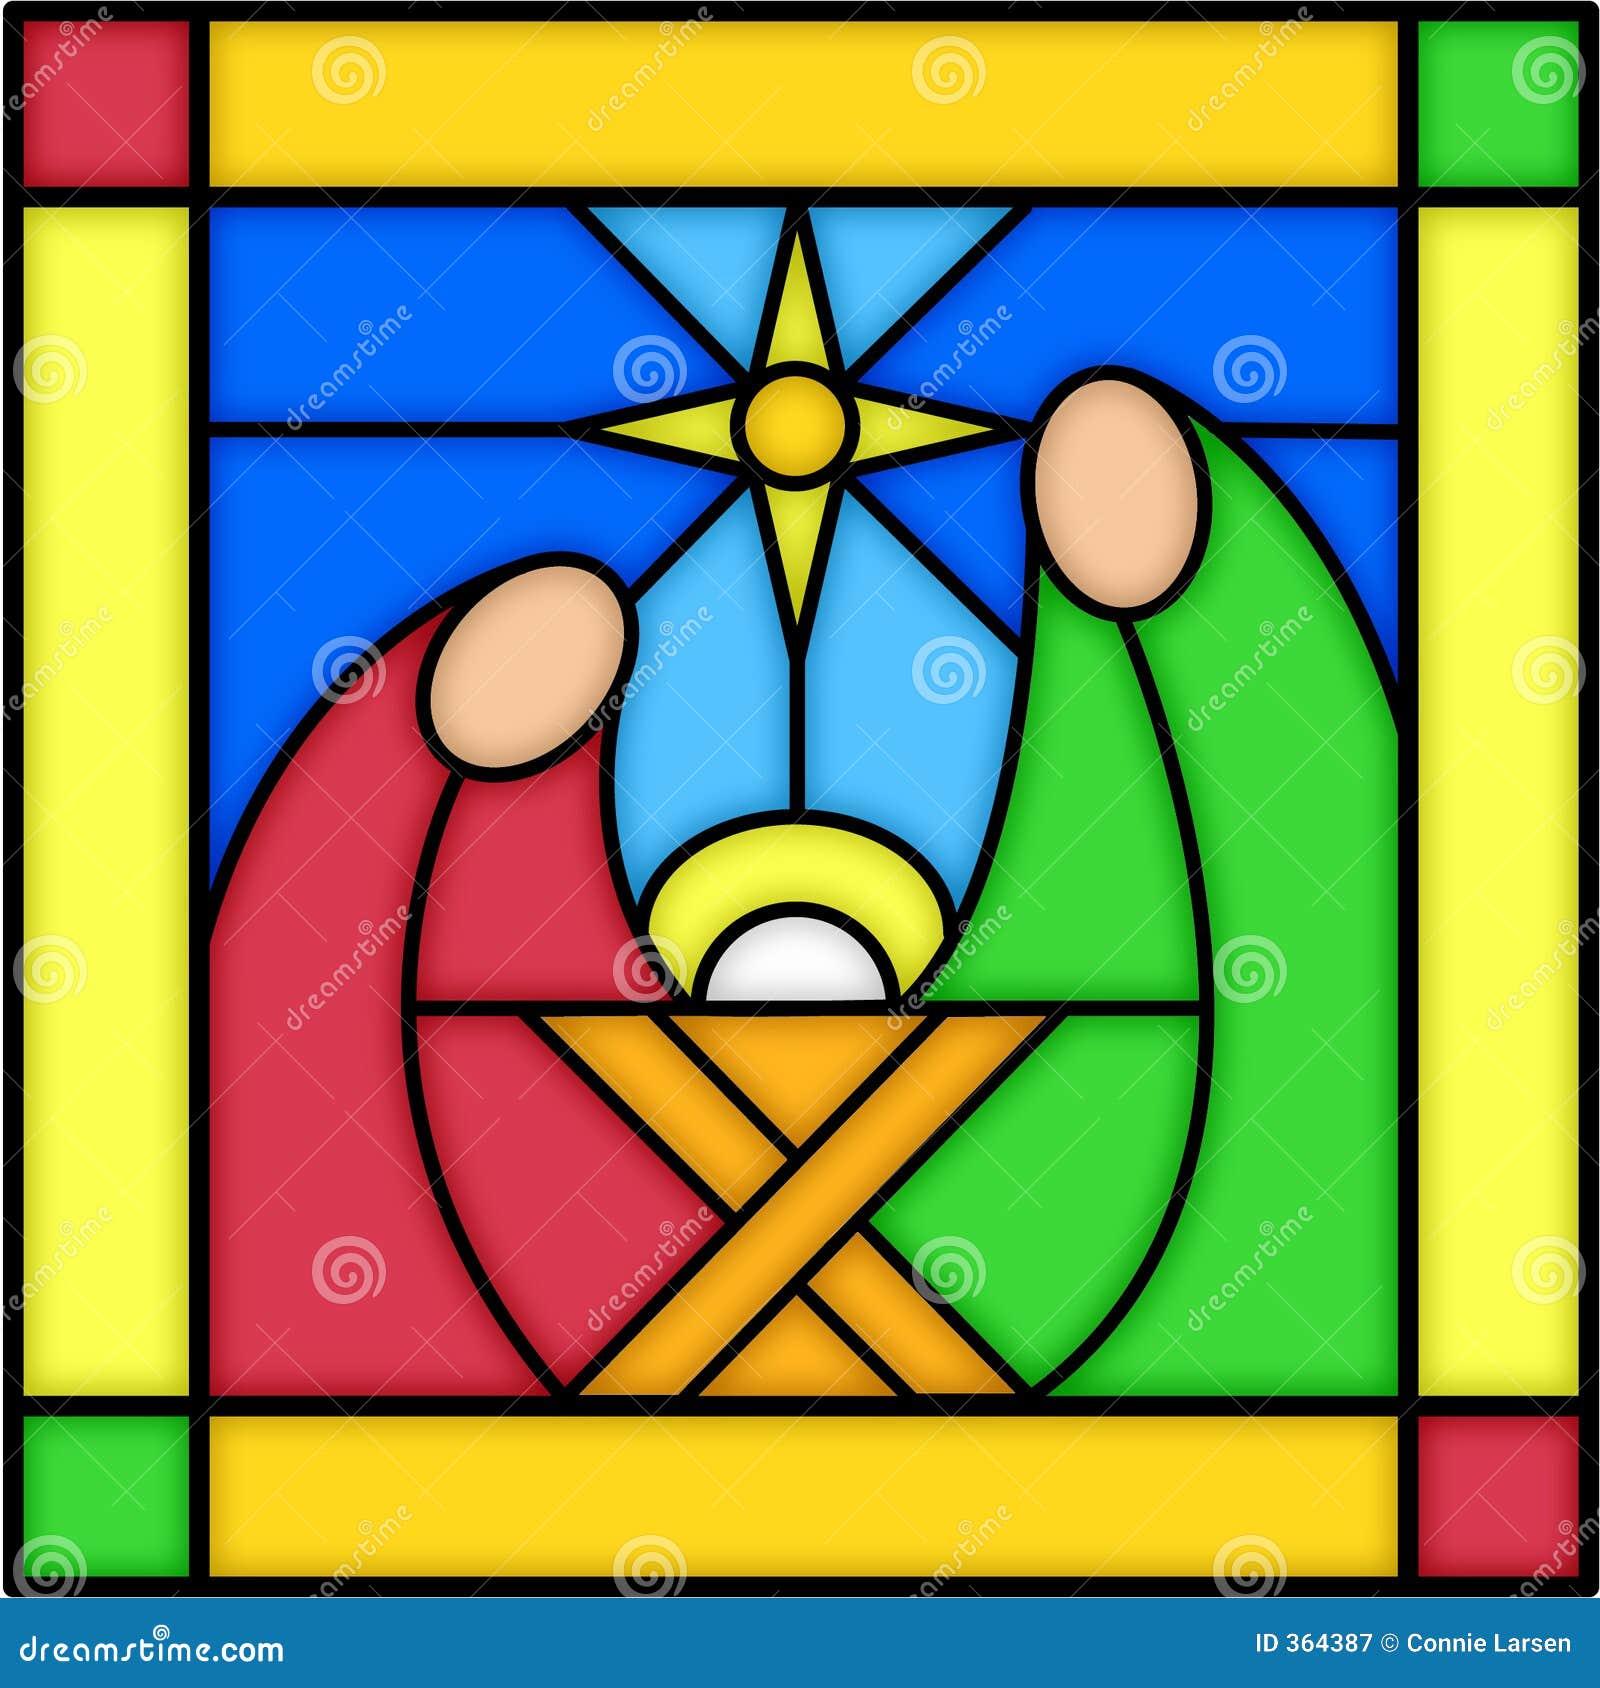 Befläckt glass nativity